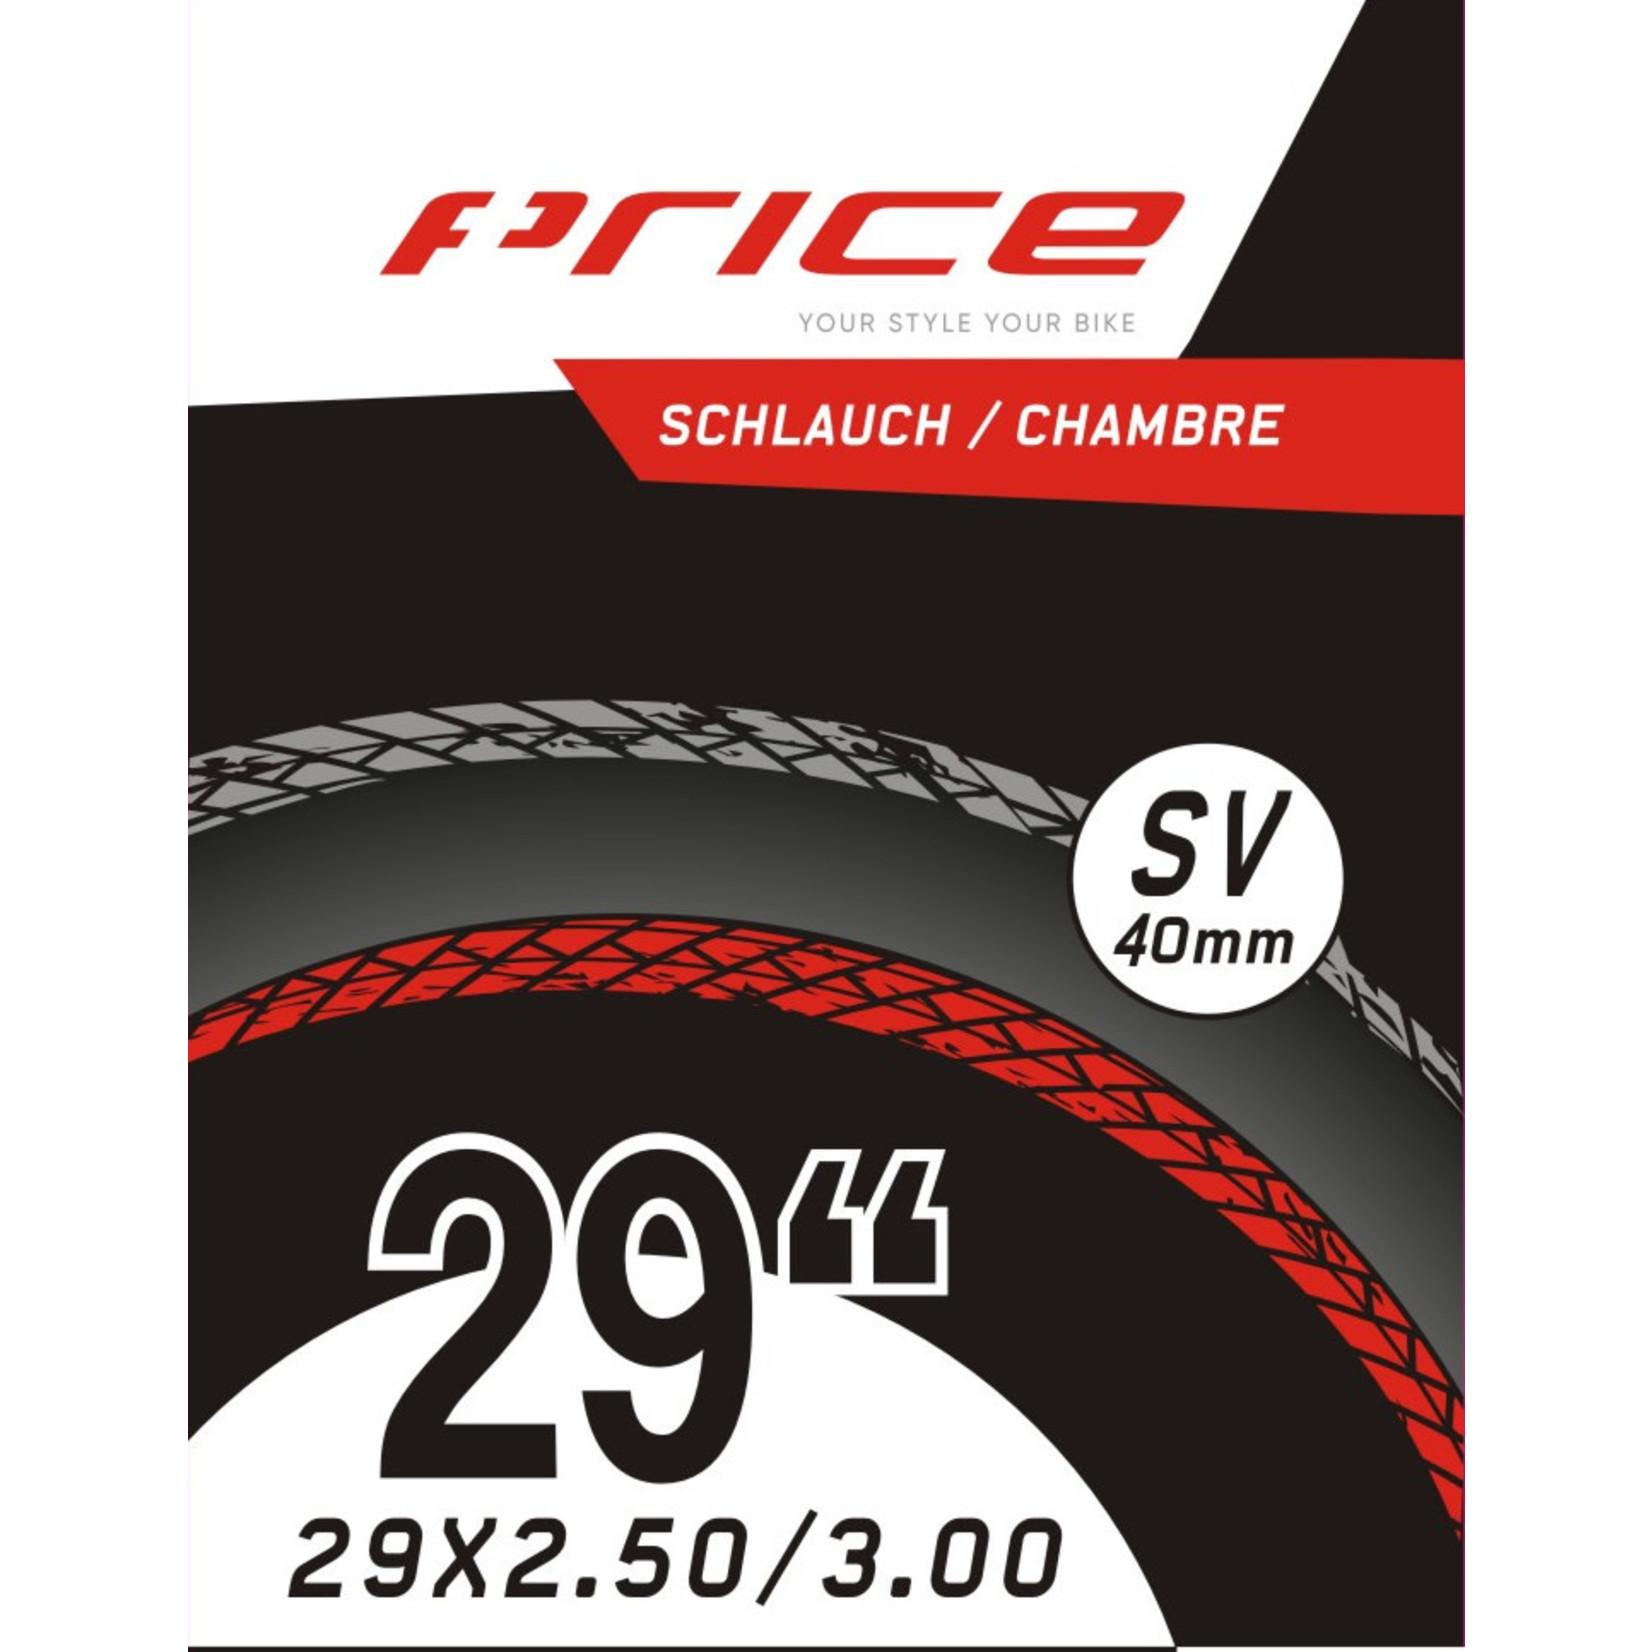 Price Price - Schlauch 29x2.50-3.00